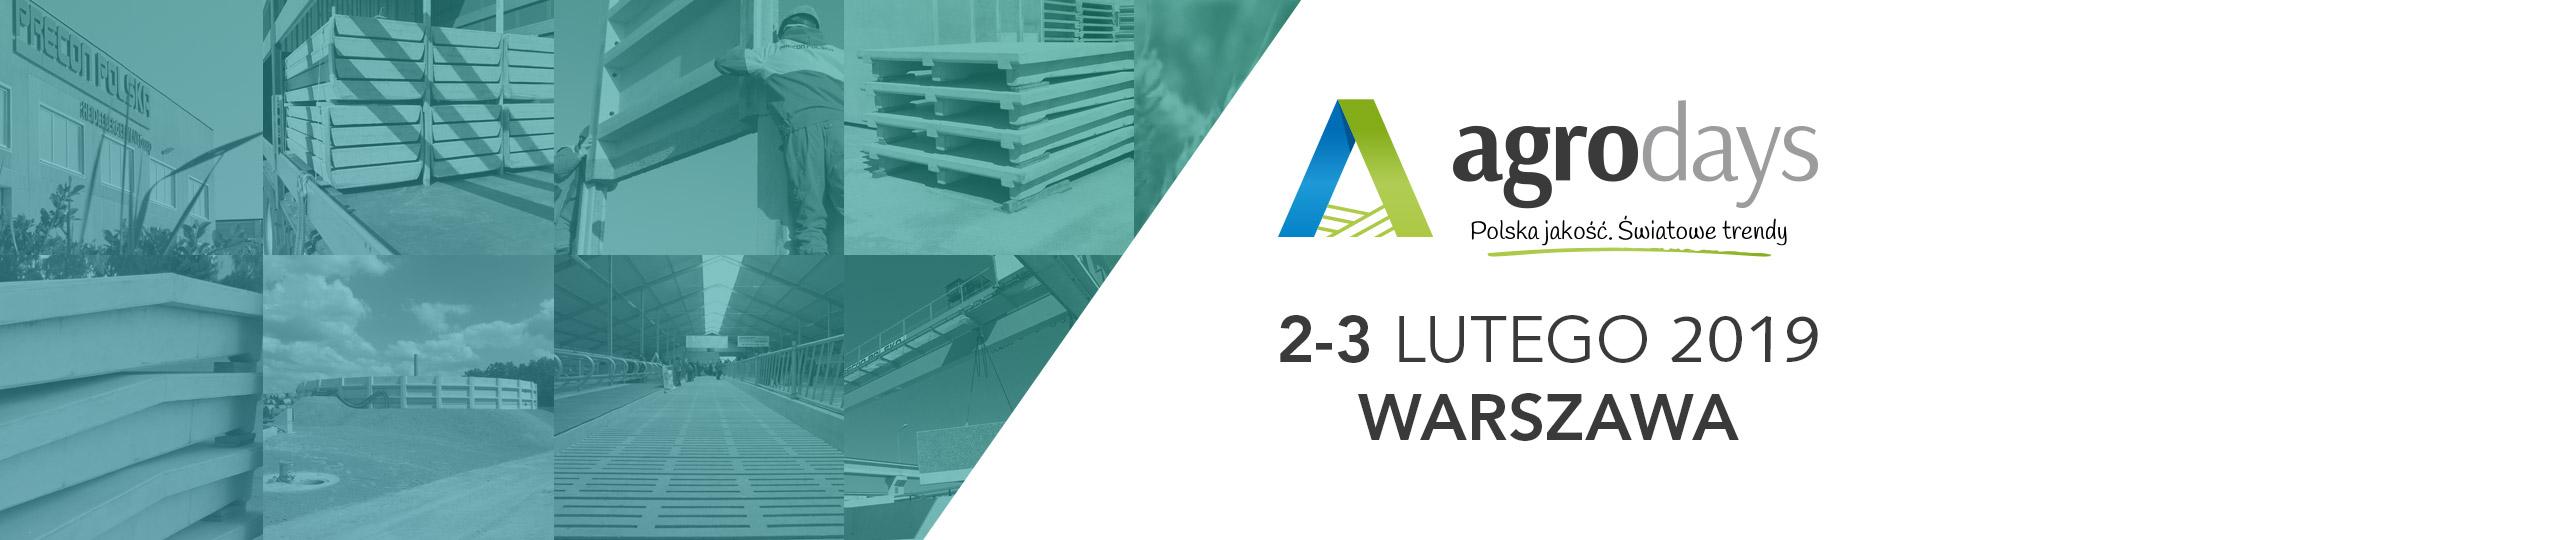 Targi rolnicze Agro Days 2019 - Warszawa